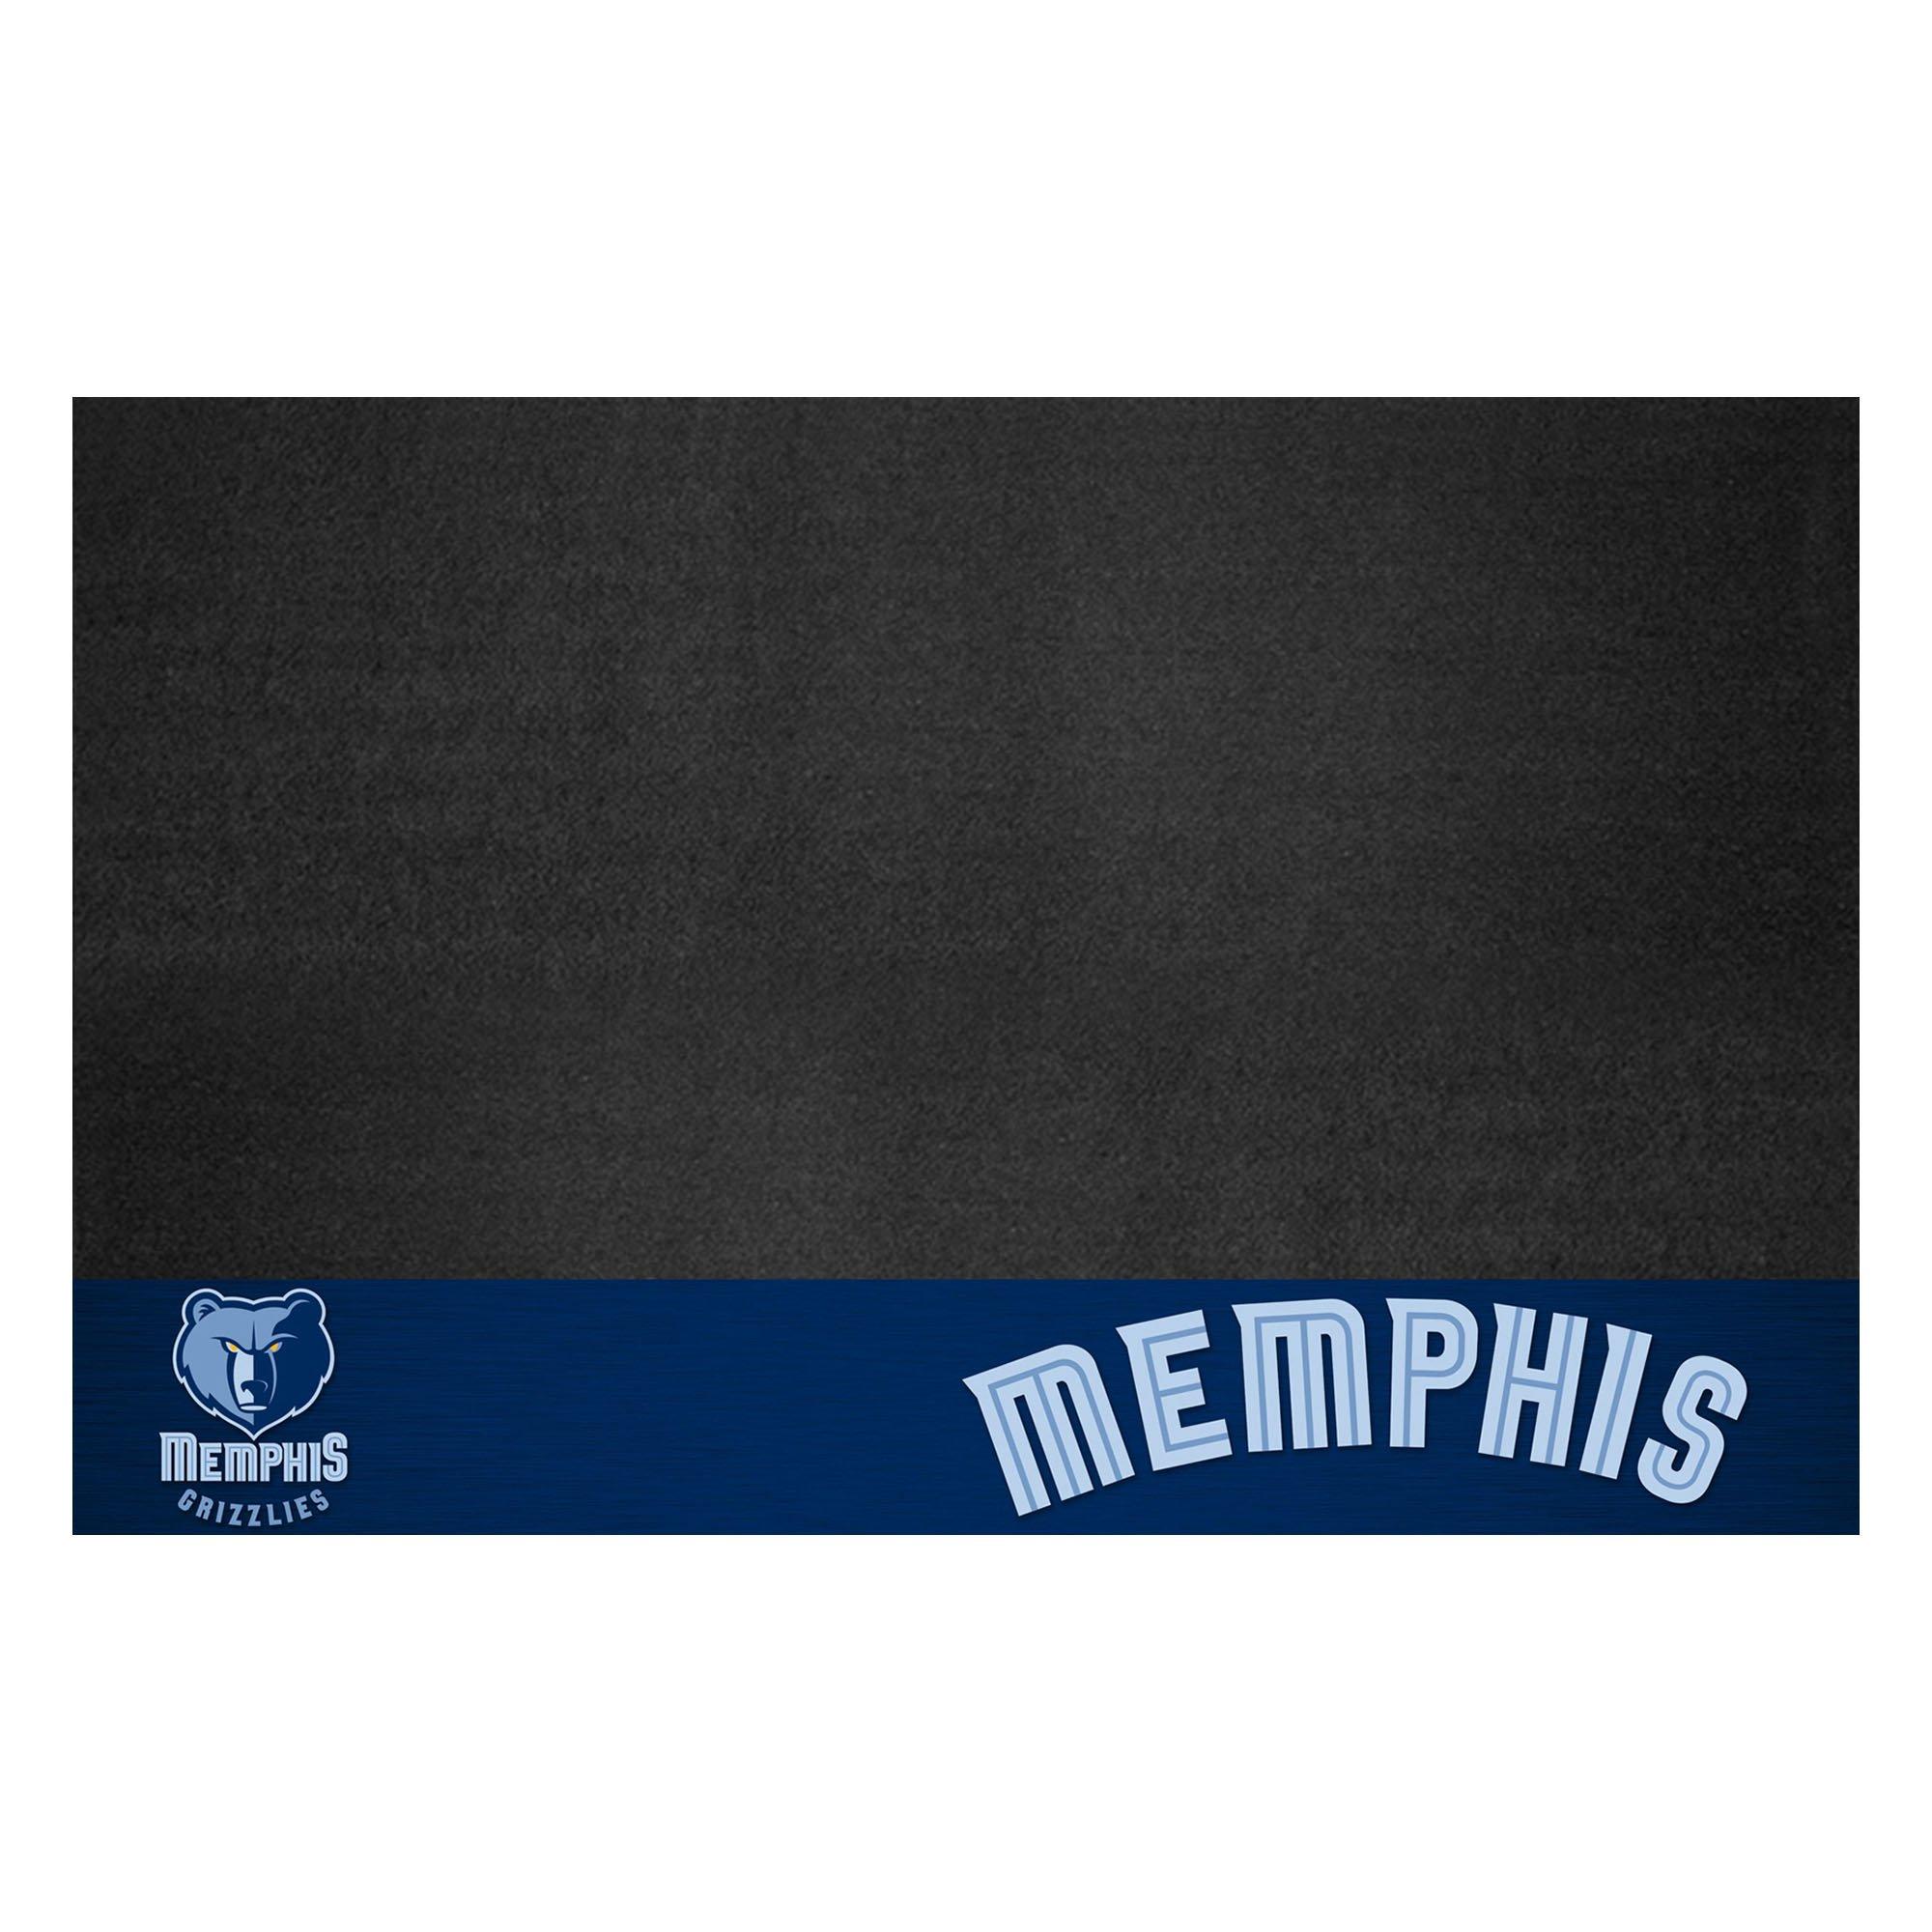 Fanmats NBA Memphis Grizzlies Grill Mat, Small